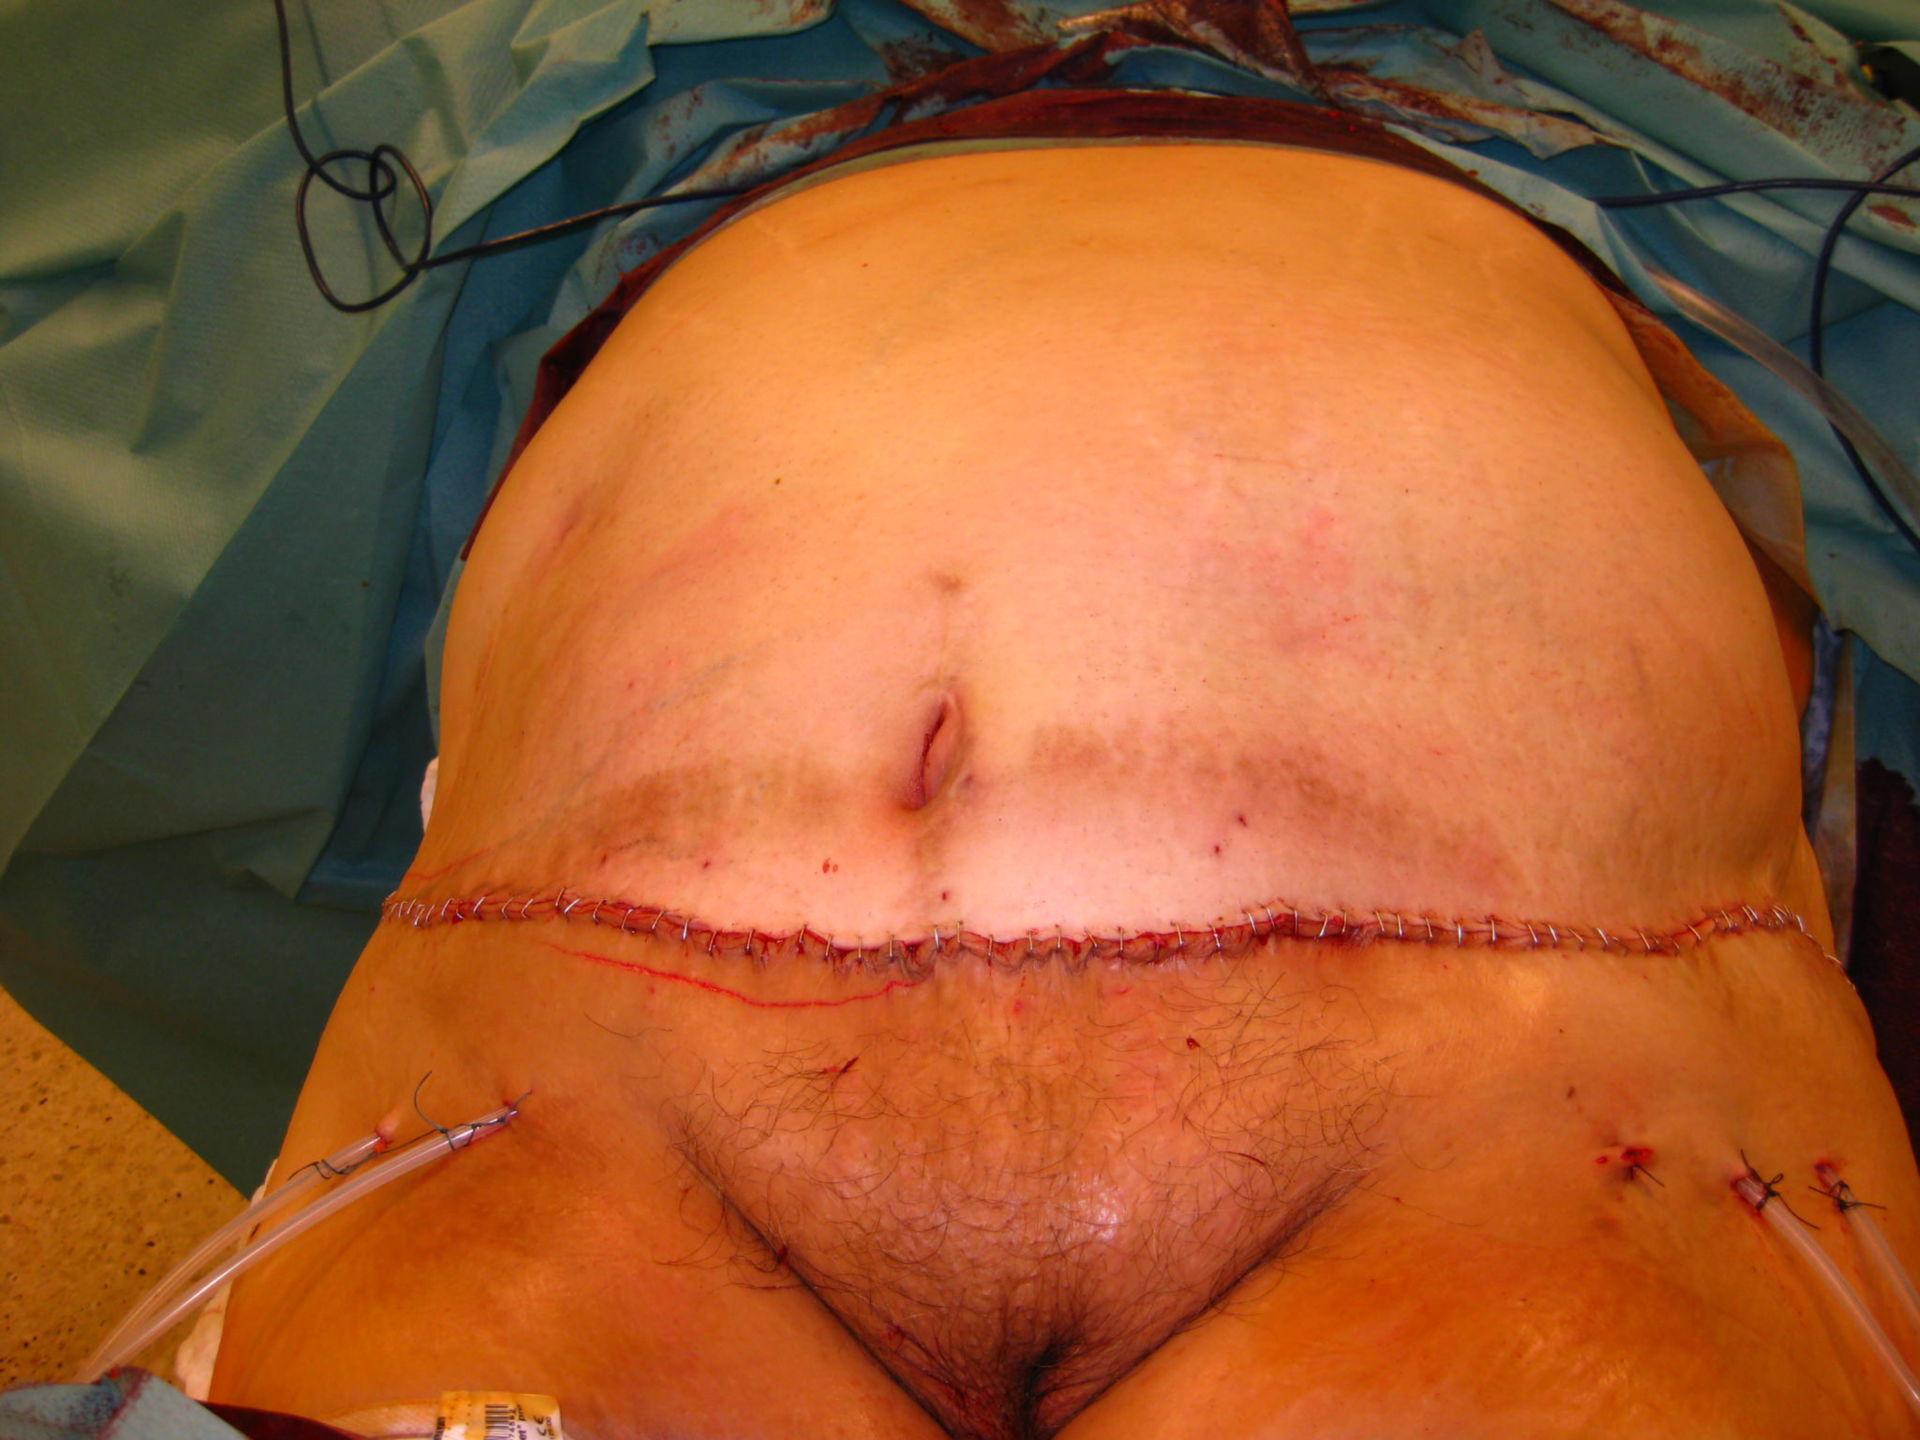 Obesità - dopo l'intervento